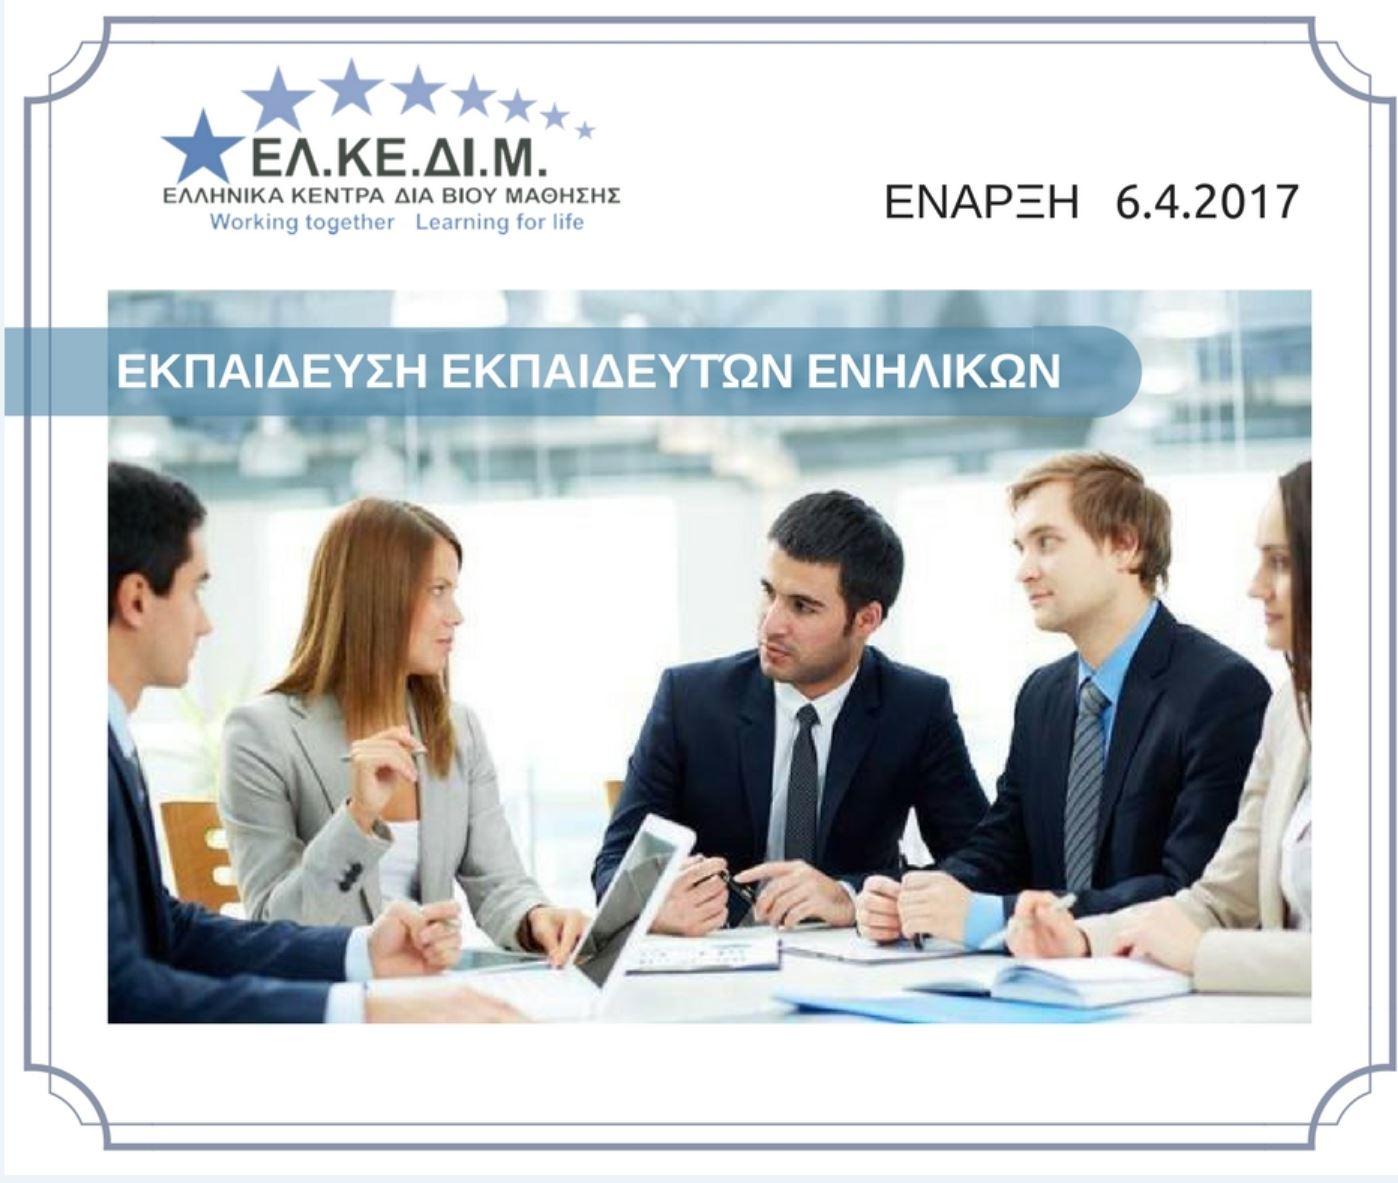 ΕΛΚΕΔΙΜ Κοζάνης: Έναρξη νέου σεμιναρίου Εκπαίδευση Εκπαιδευτών Ενηλίκων